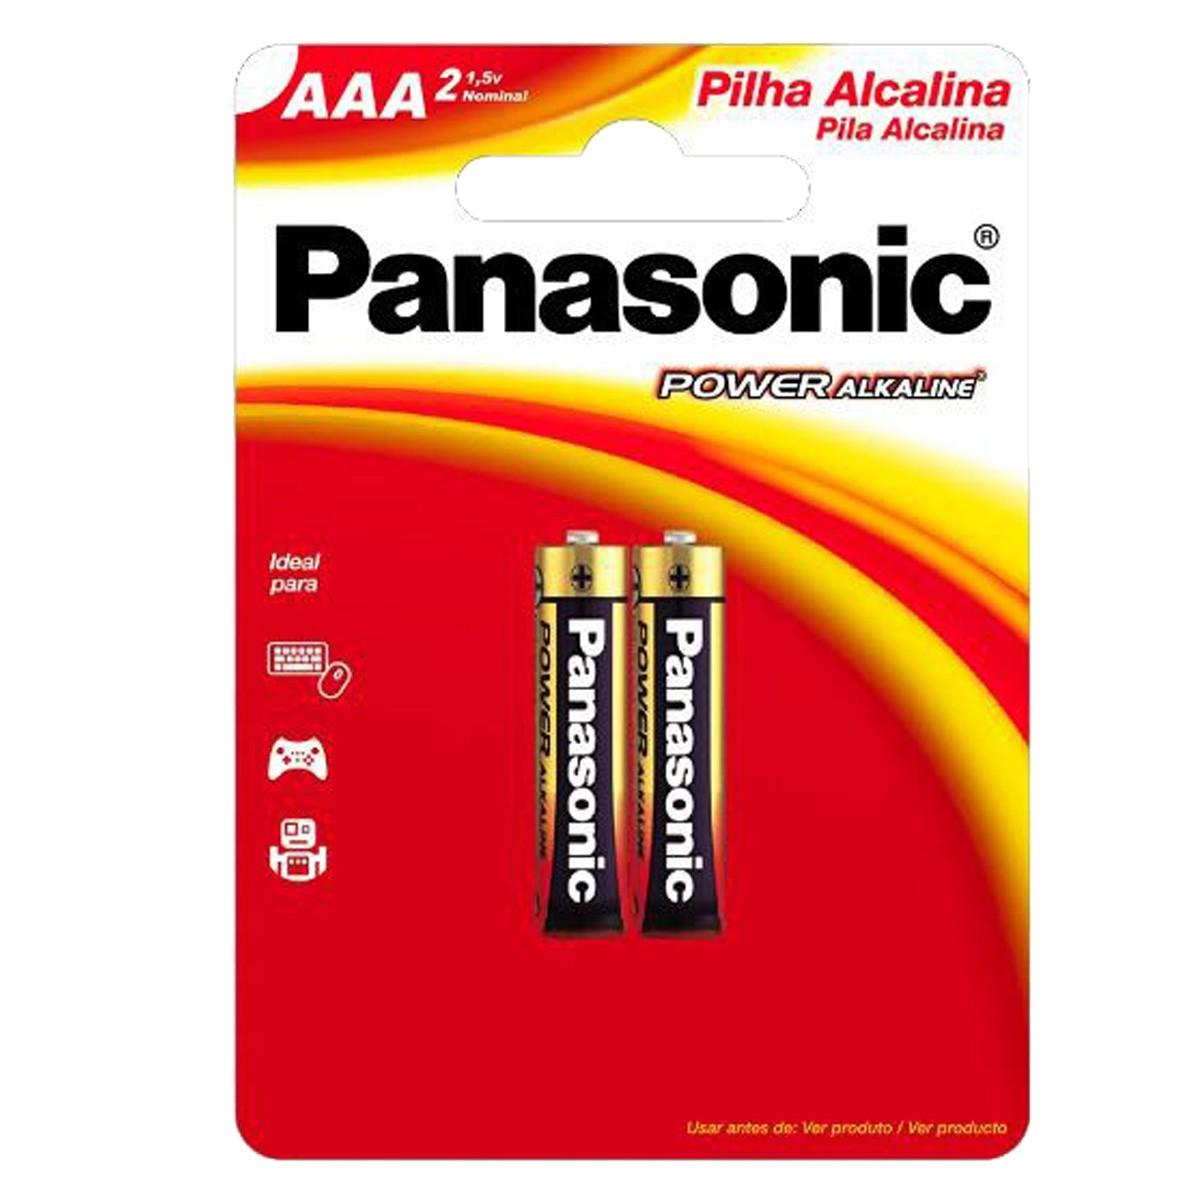 10 Pilhas AAA Alcalina PANASONIC 5 cartelas